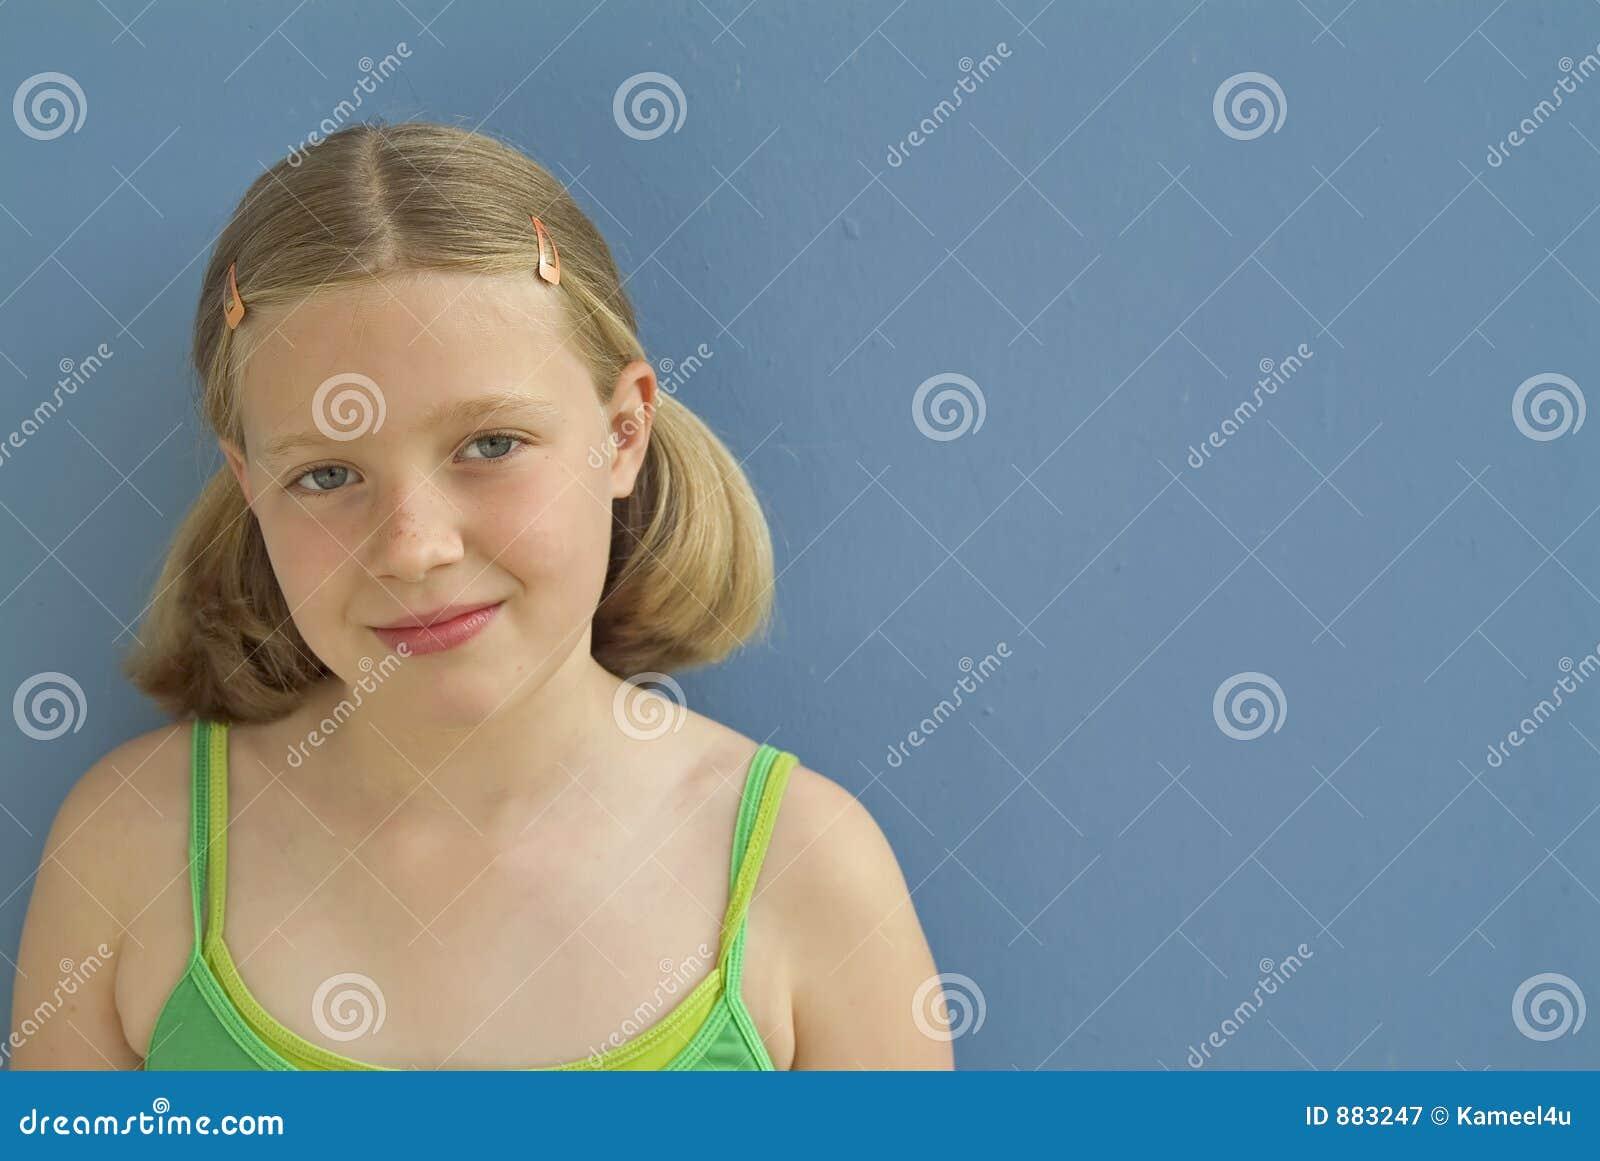 Młoda dziewczyna portret